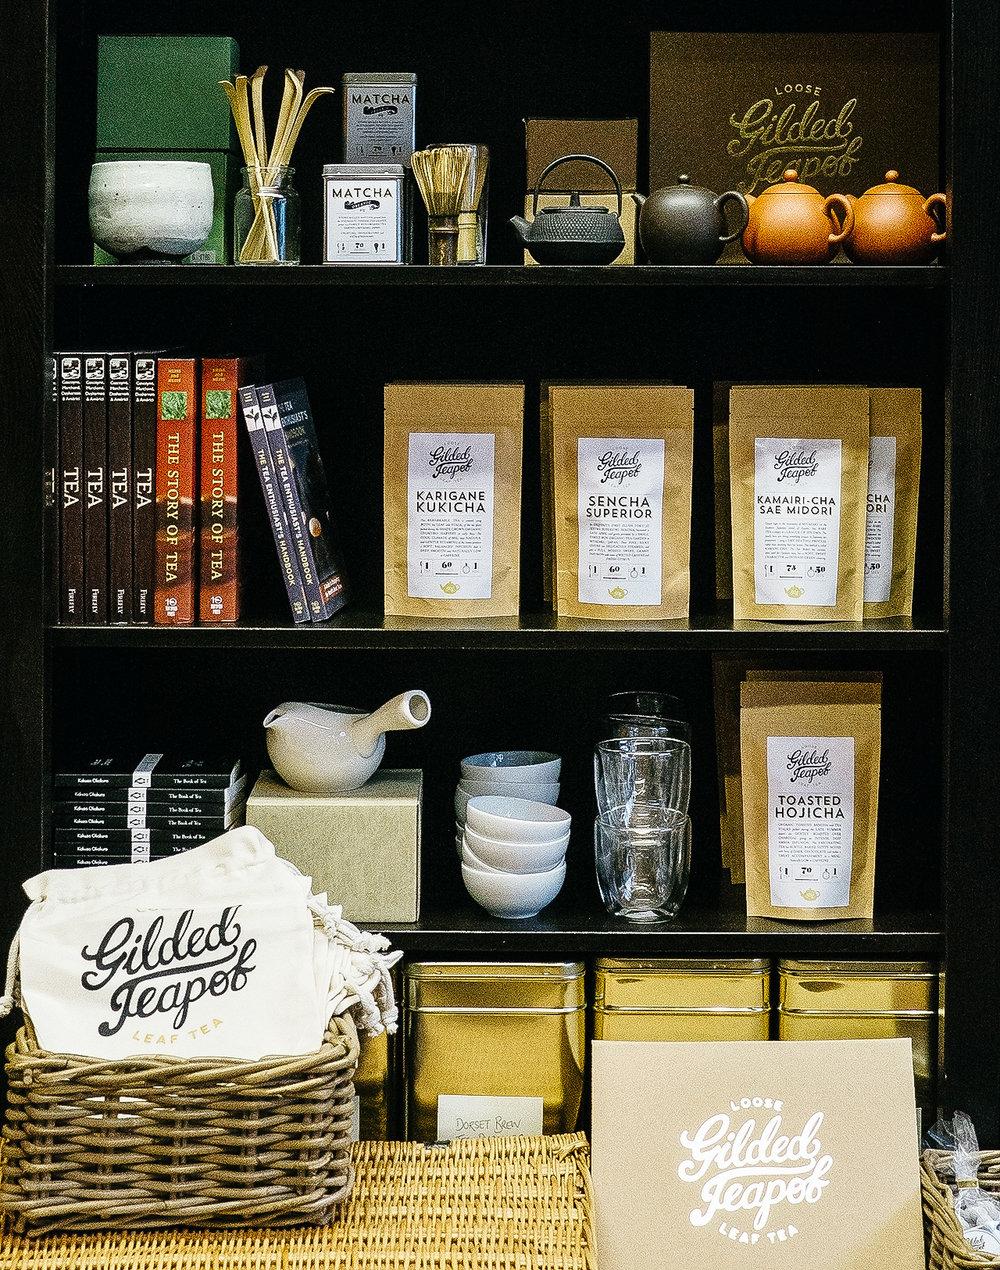 gilded-teapot-shelf.jpg